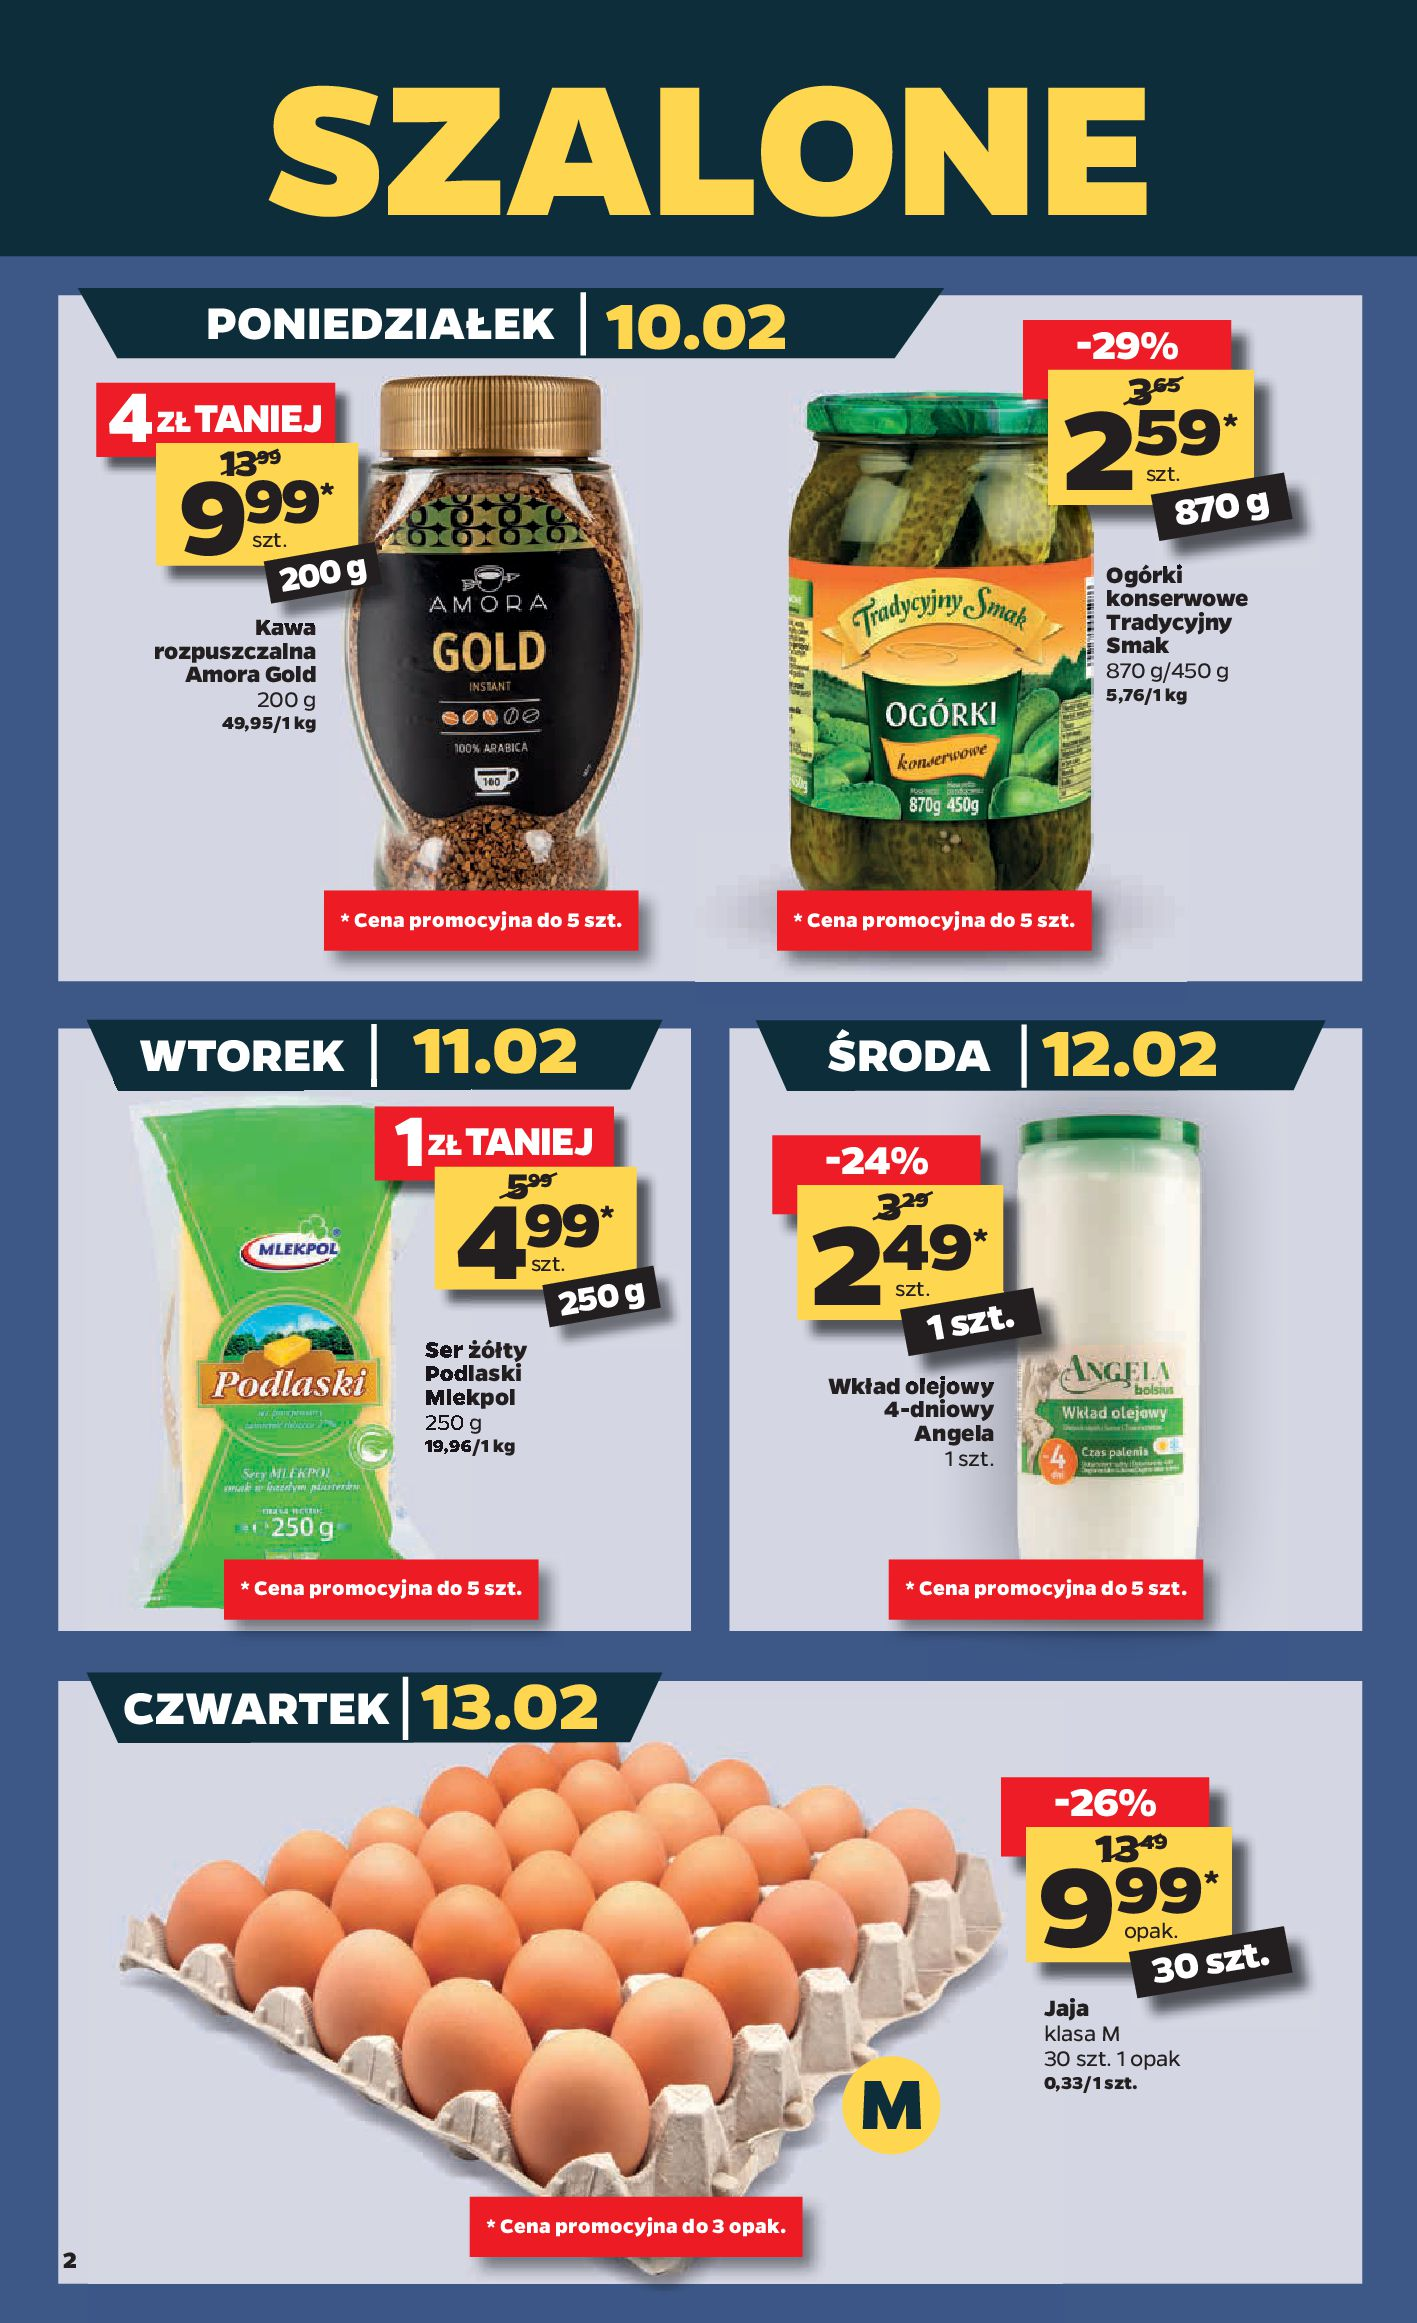 Gazetka Netto - Gazetka spożywcza-09.02.2020-15.02.2020-page-2